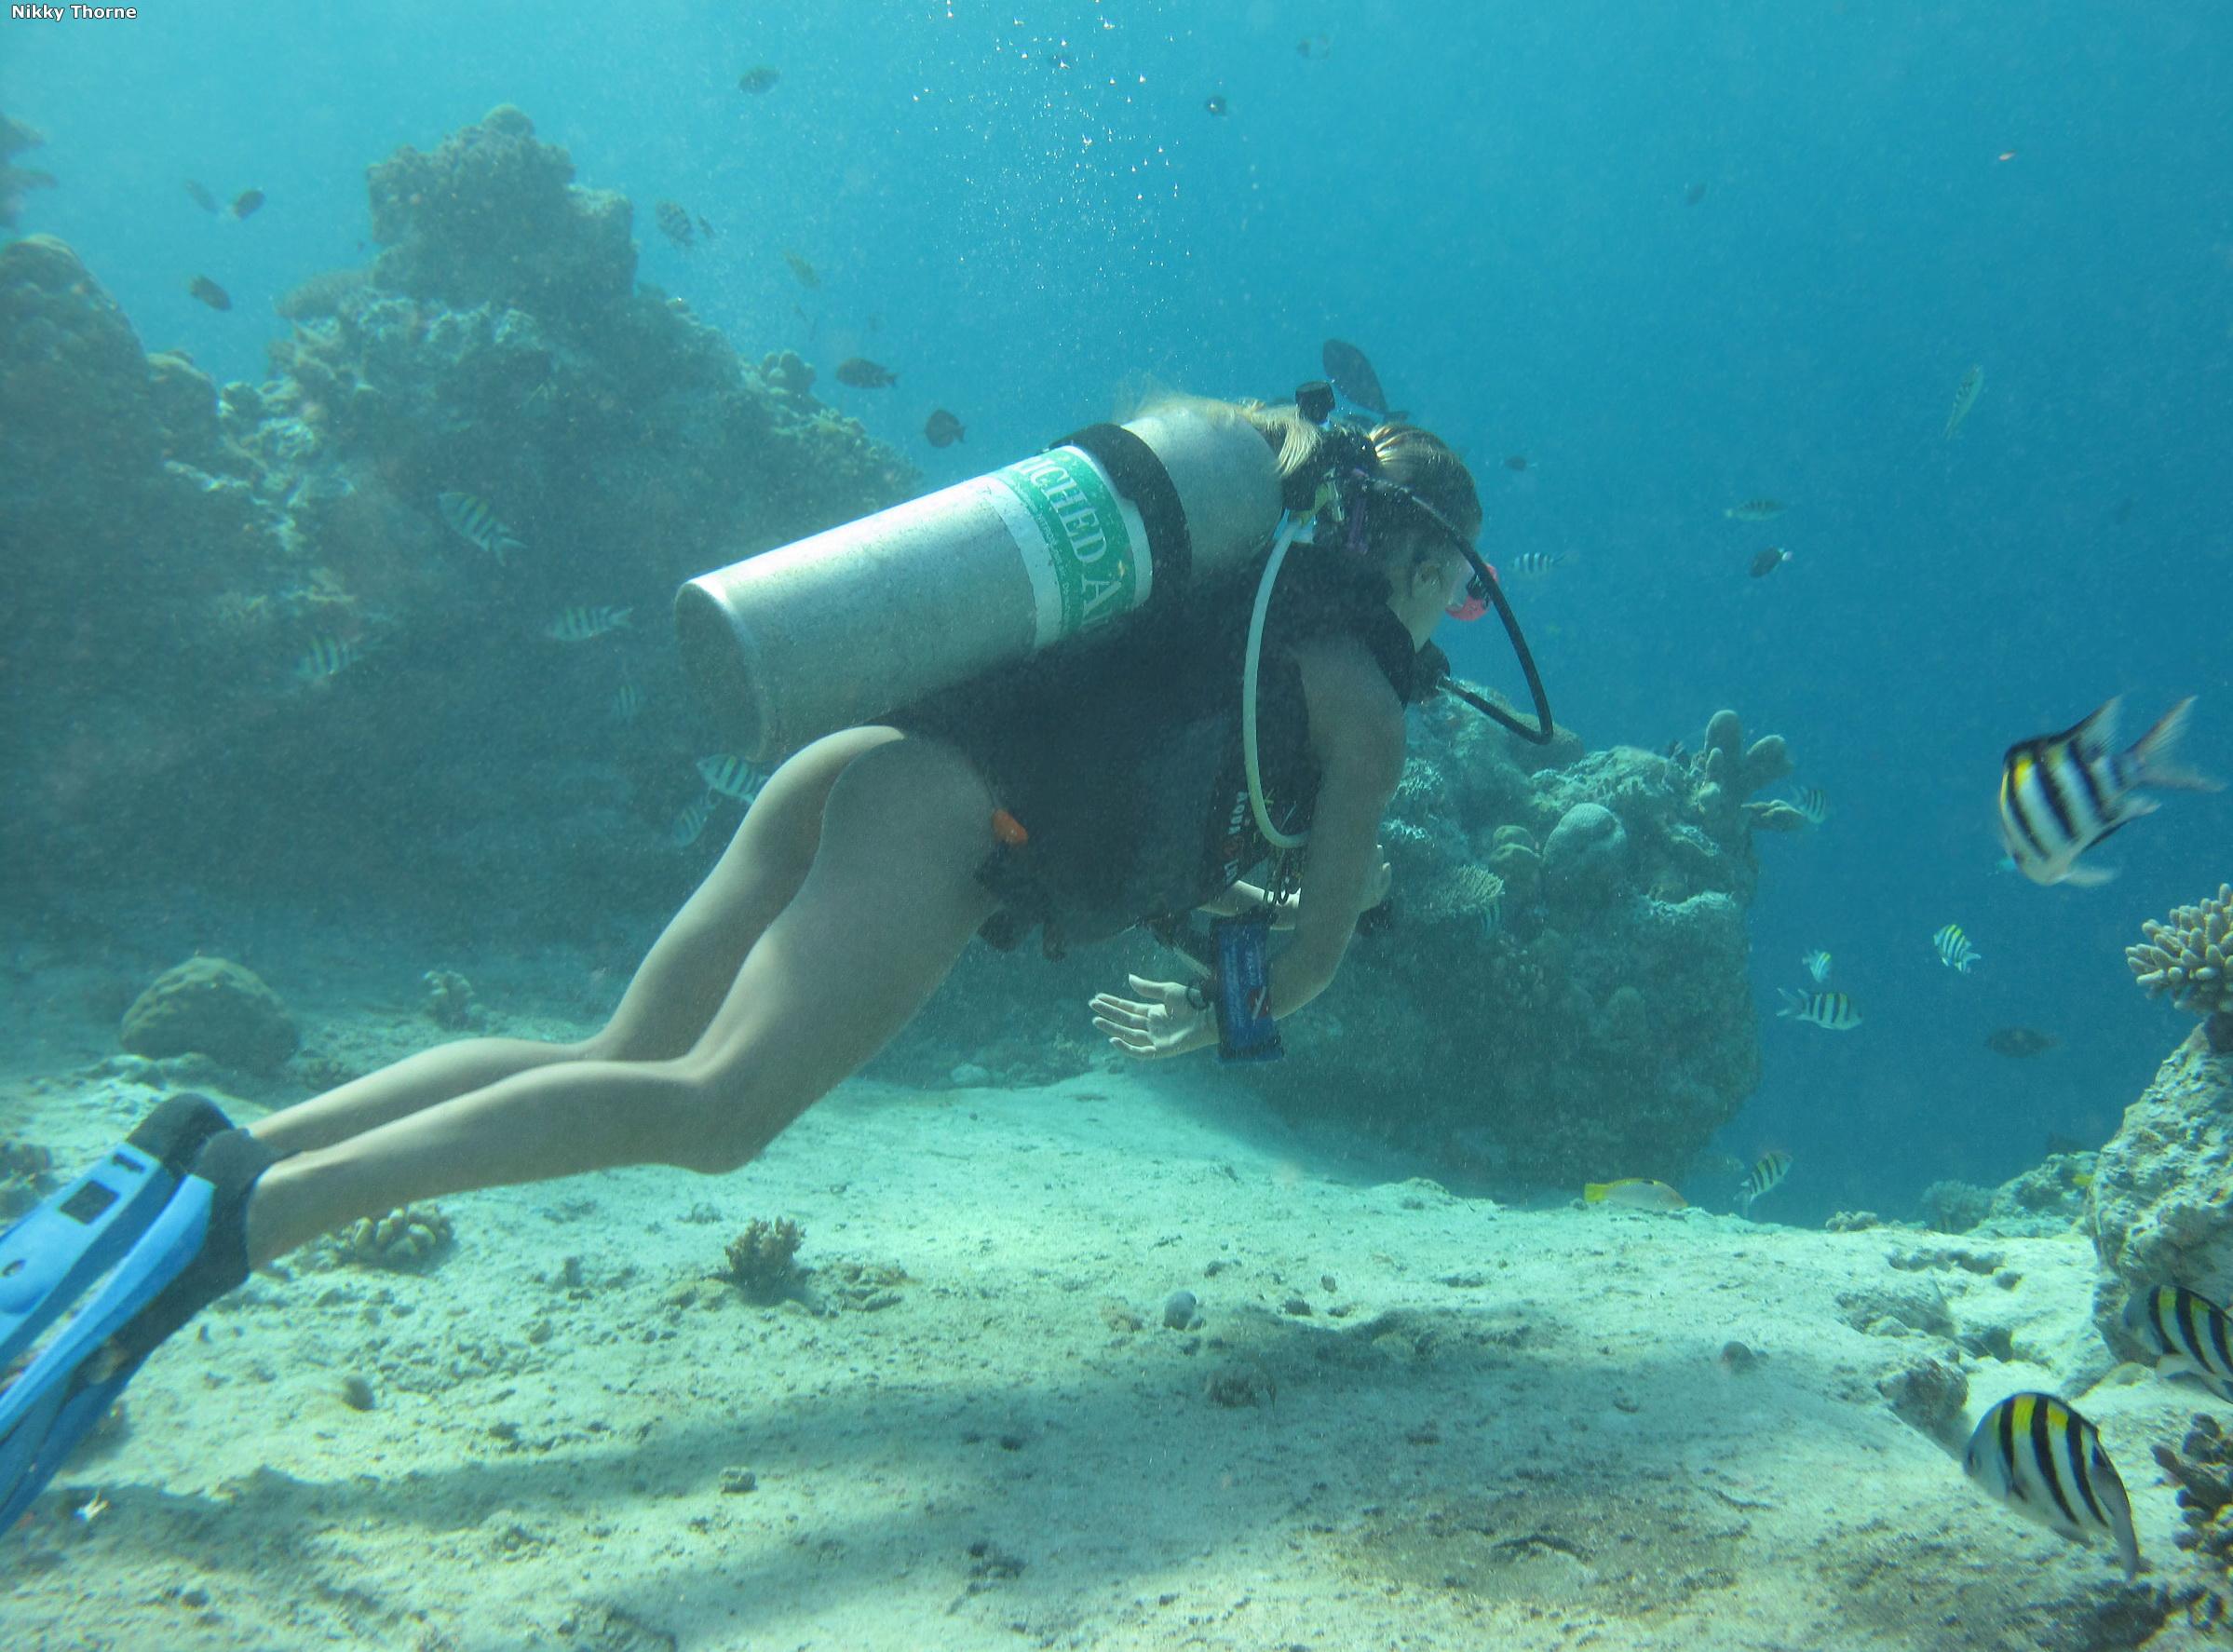 Секс под водой с акулами 5 фотография